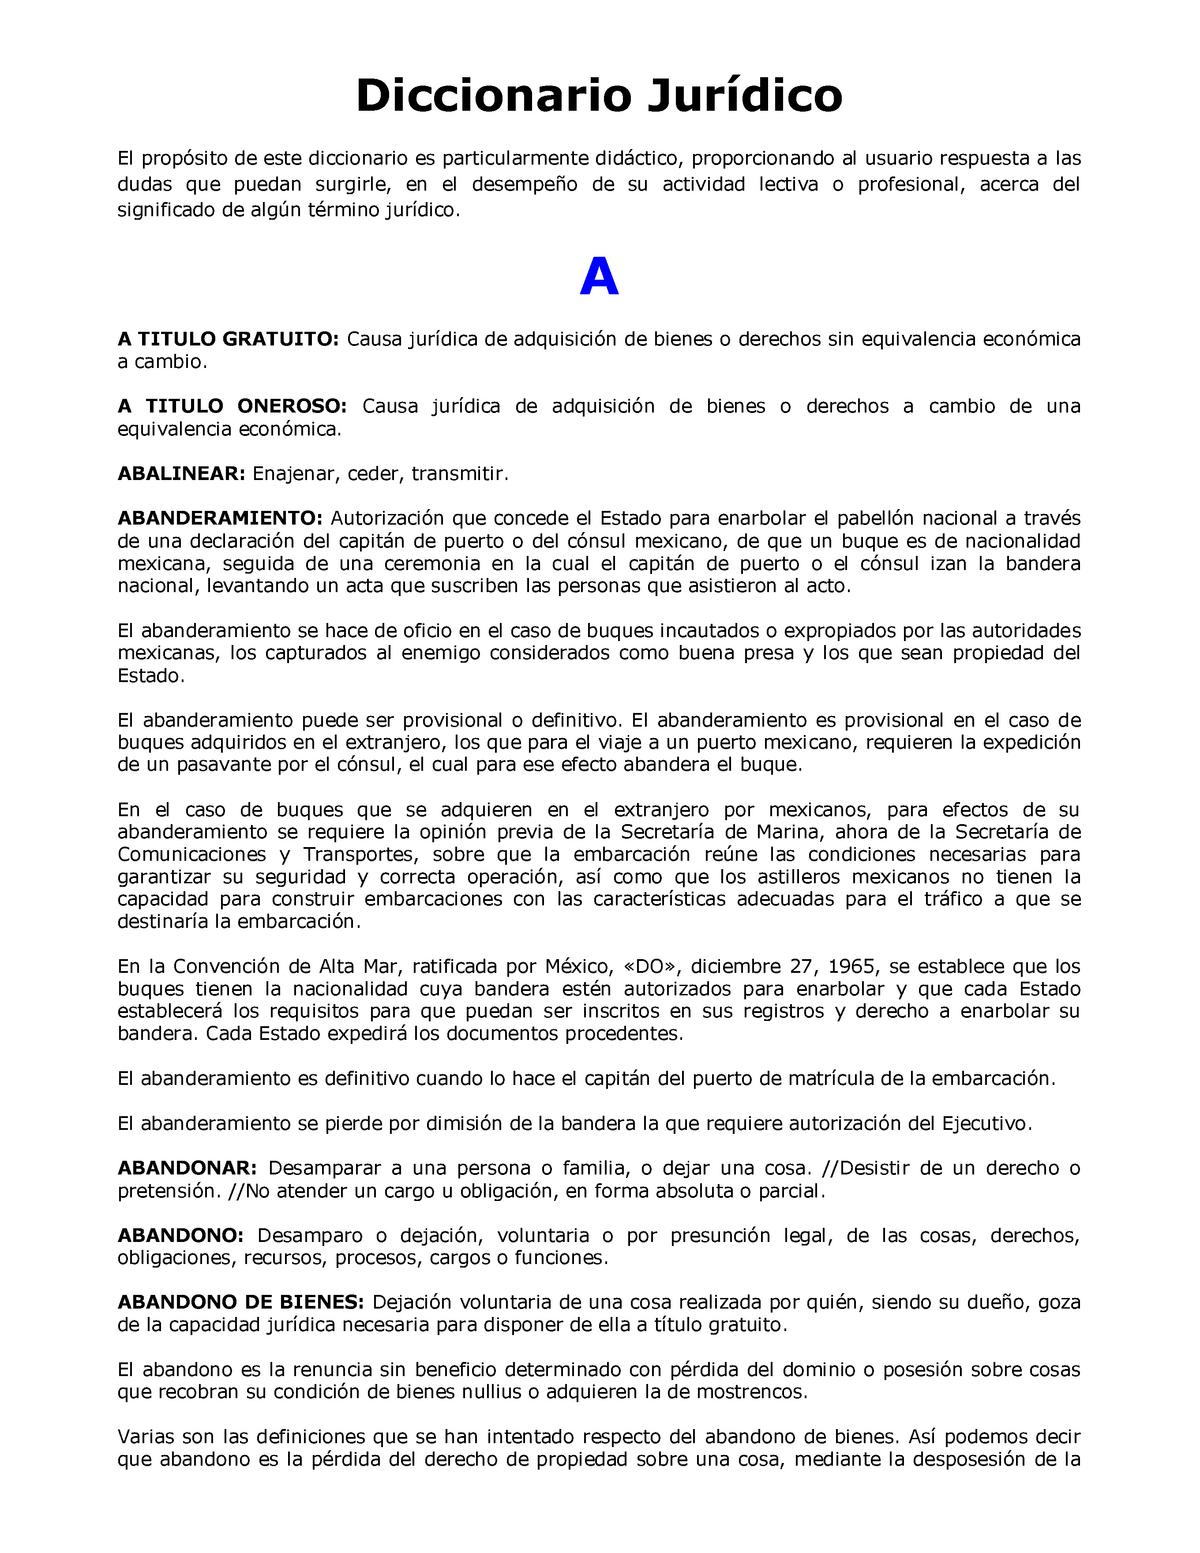 Diccionario Jurídico Apuntes Terminos Juridicos Unp